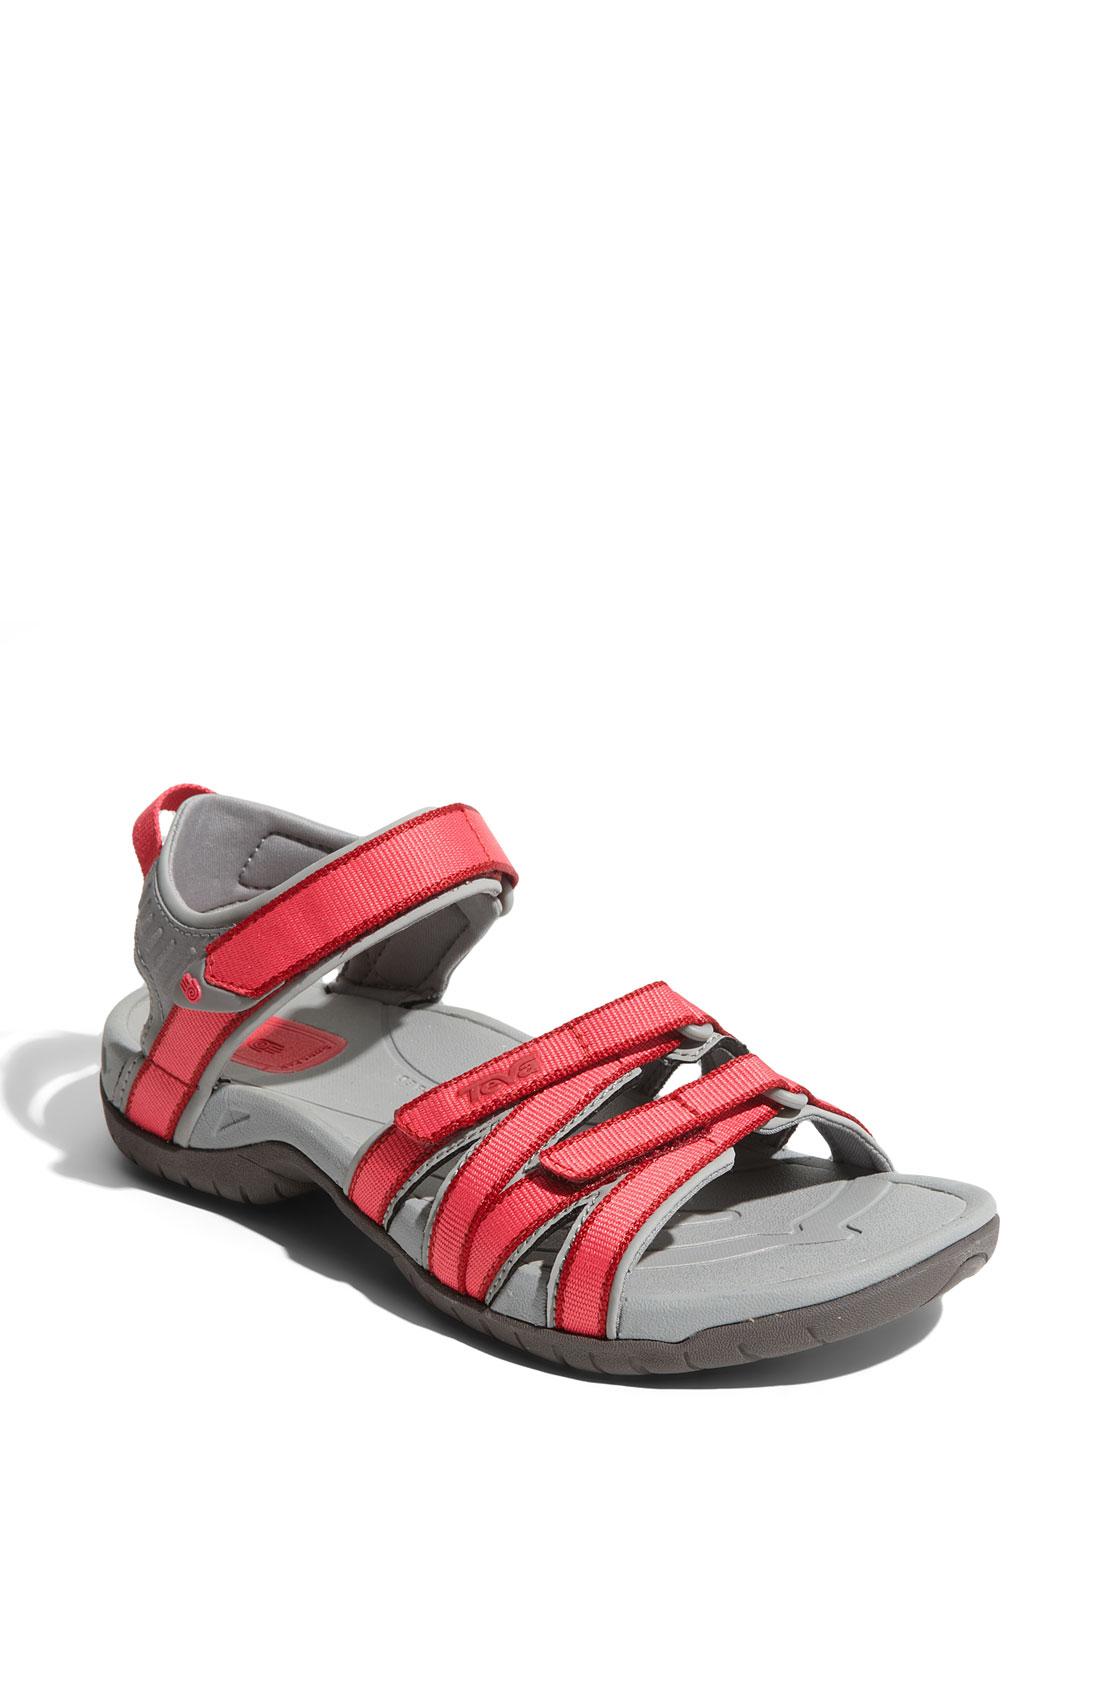 Teva Womens Tirra Sandal In Pink Lyst